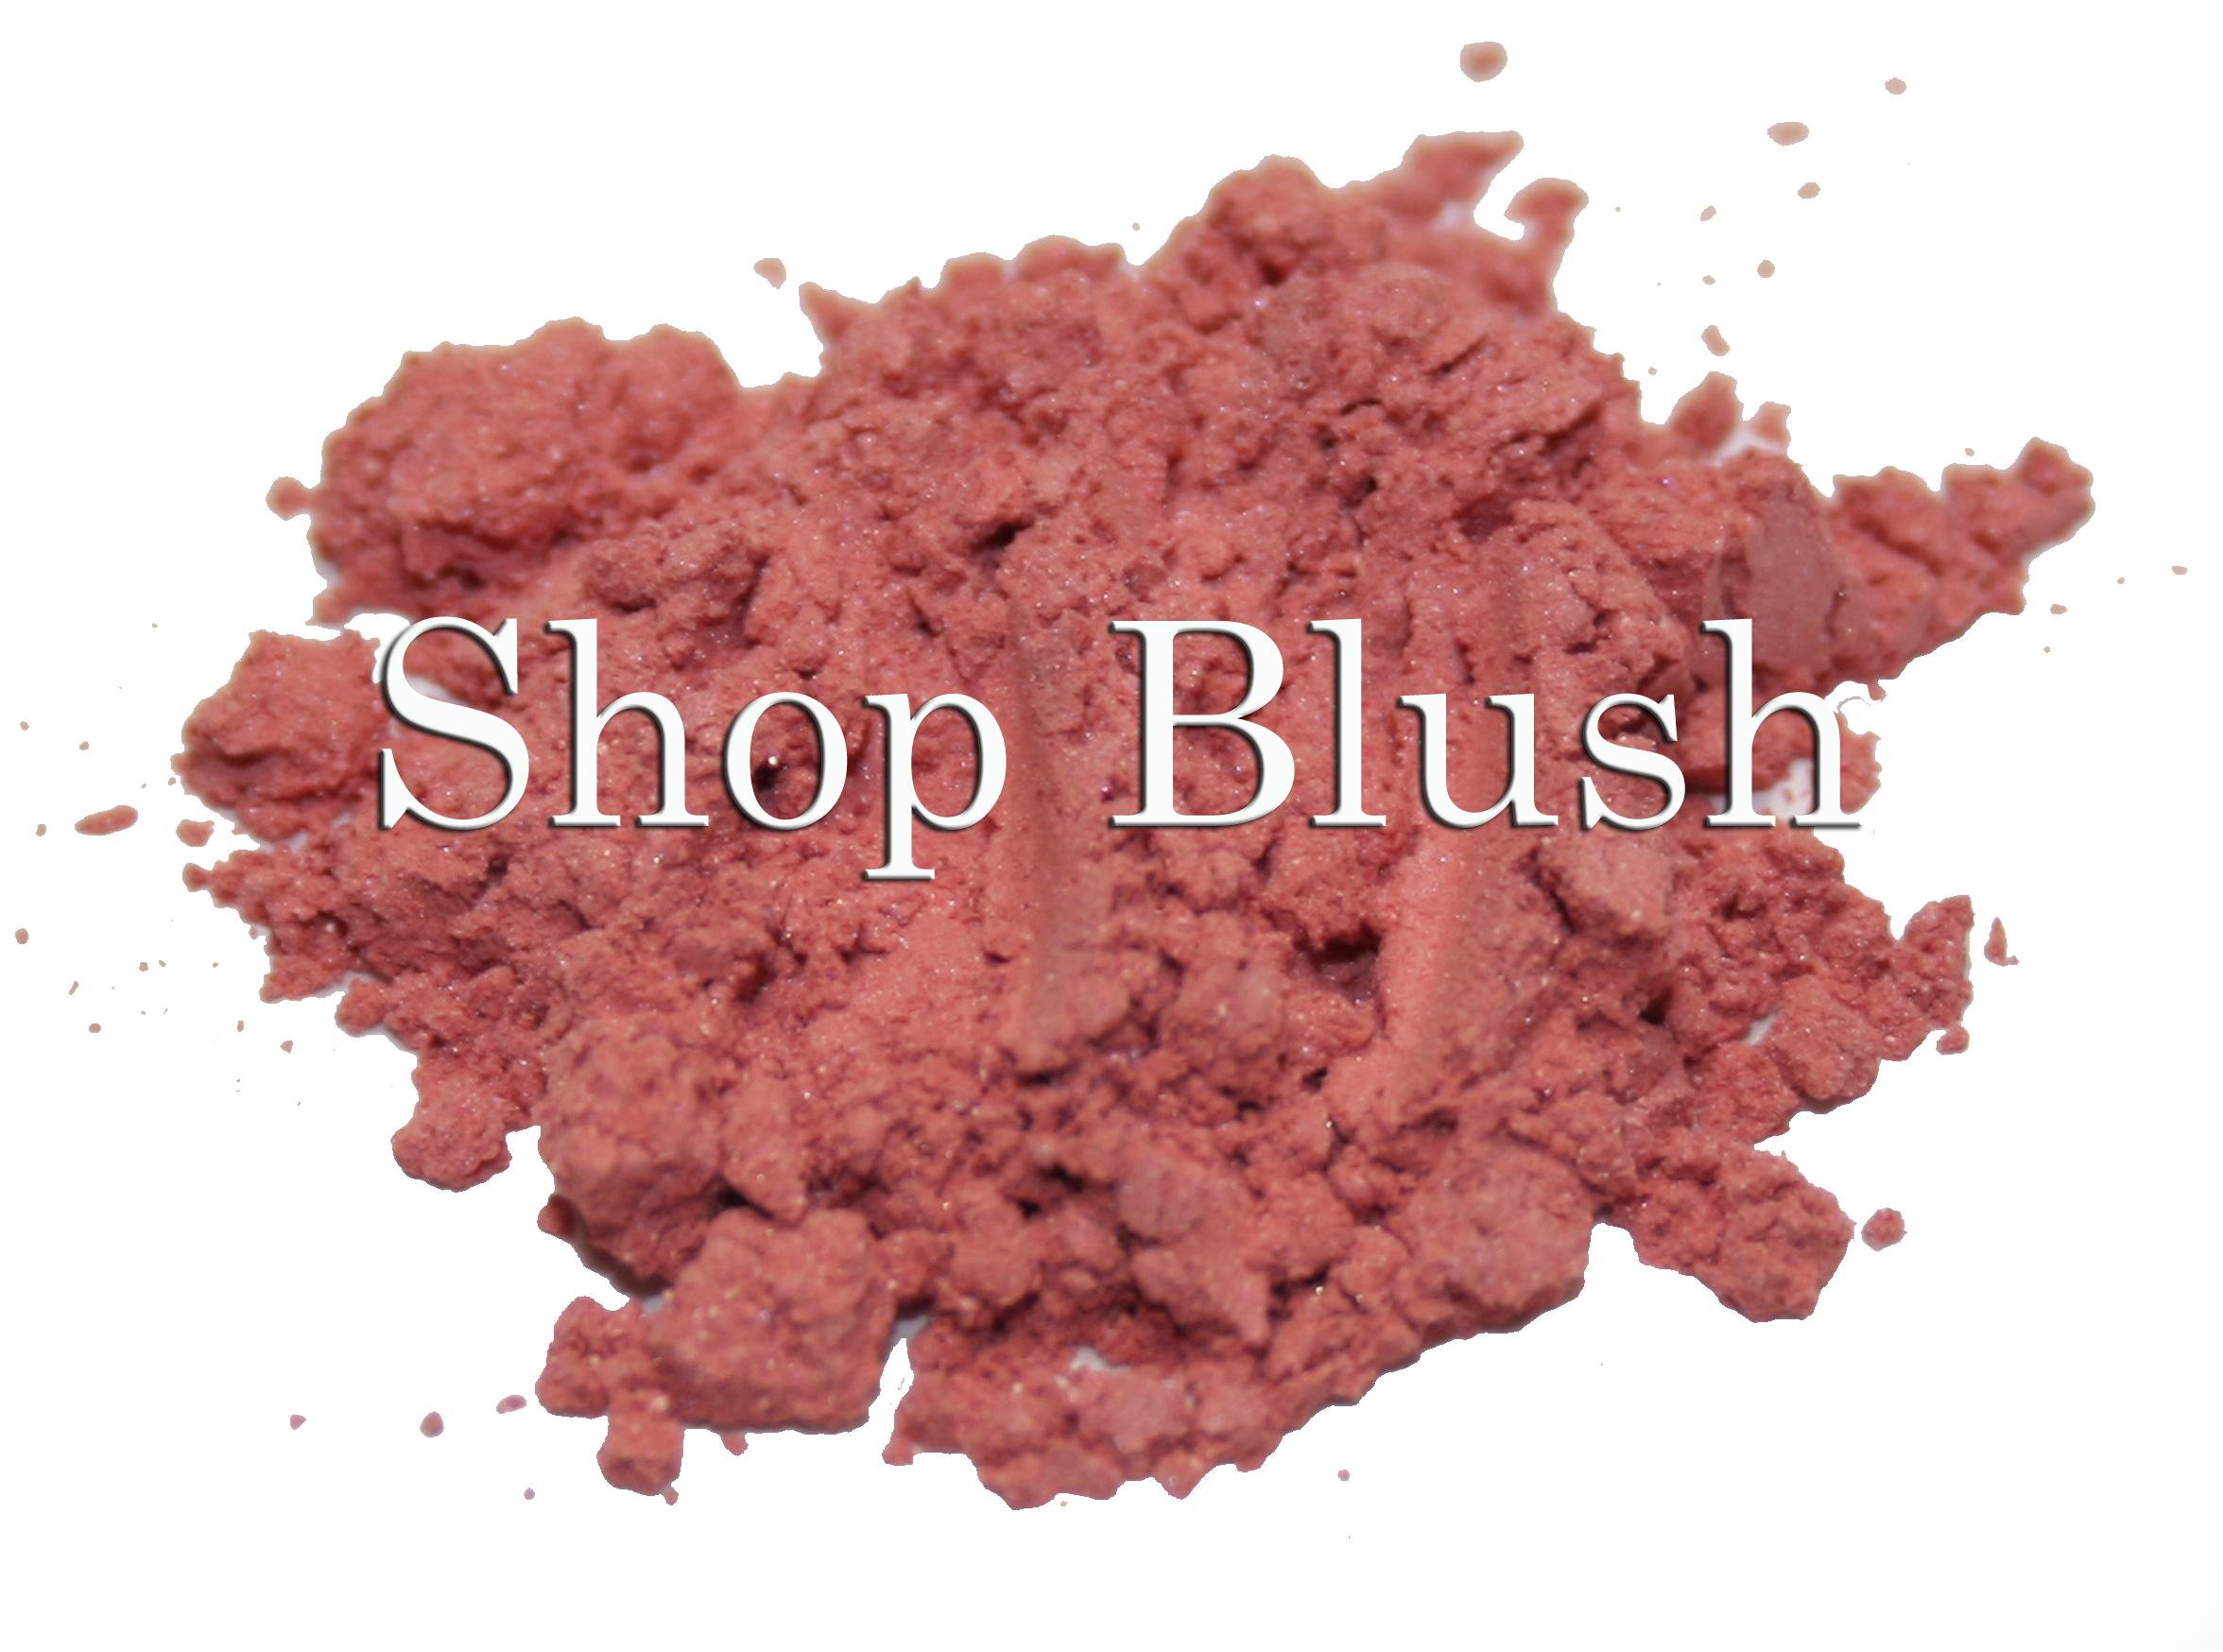 Shop Blush